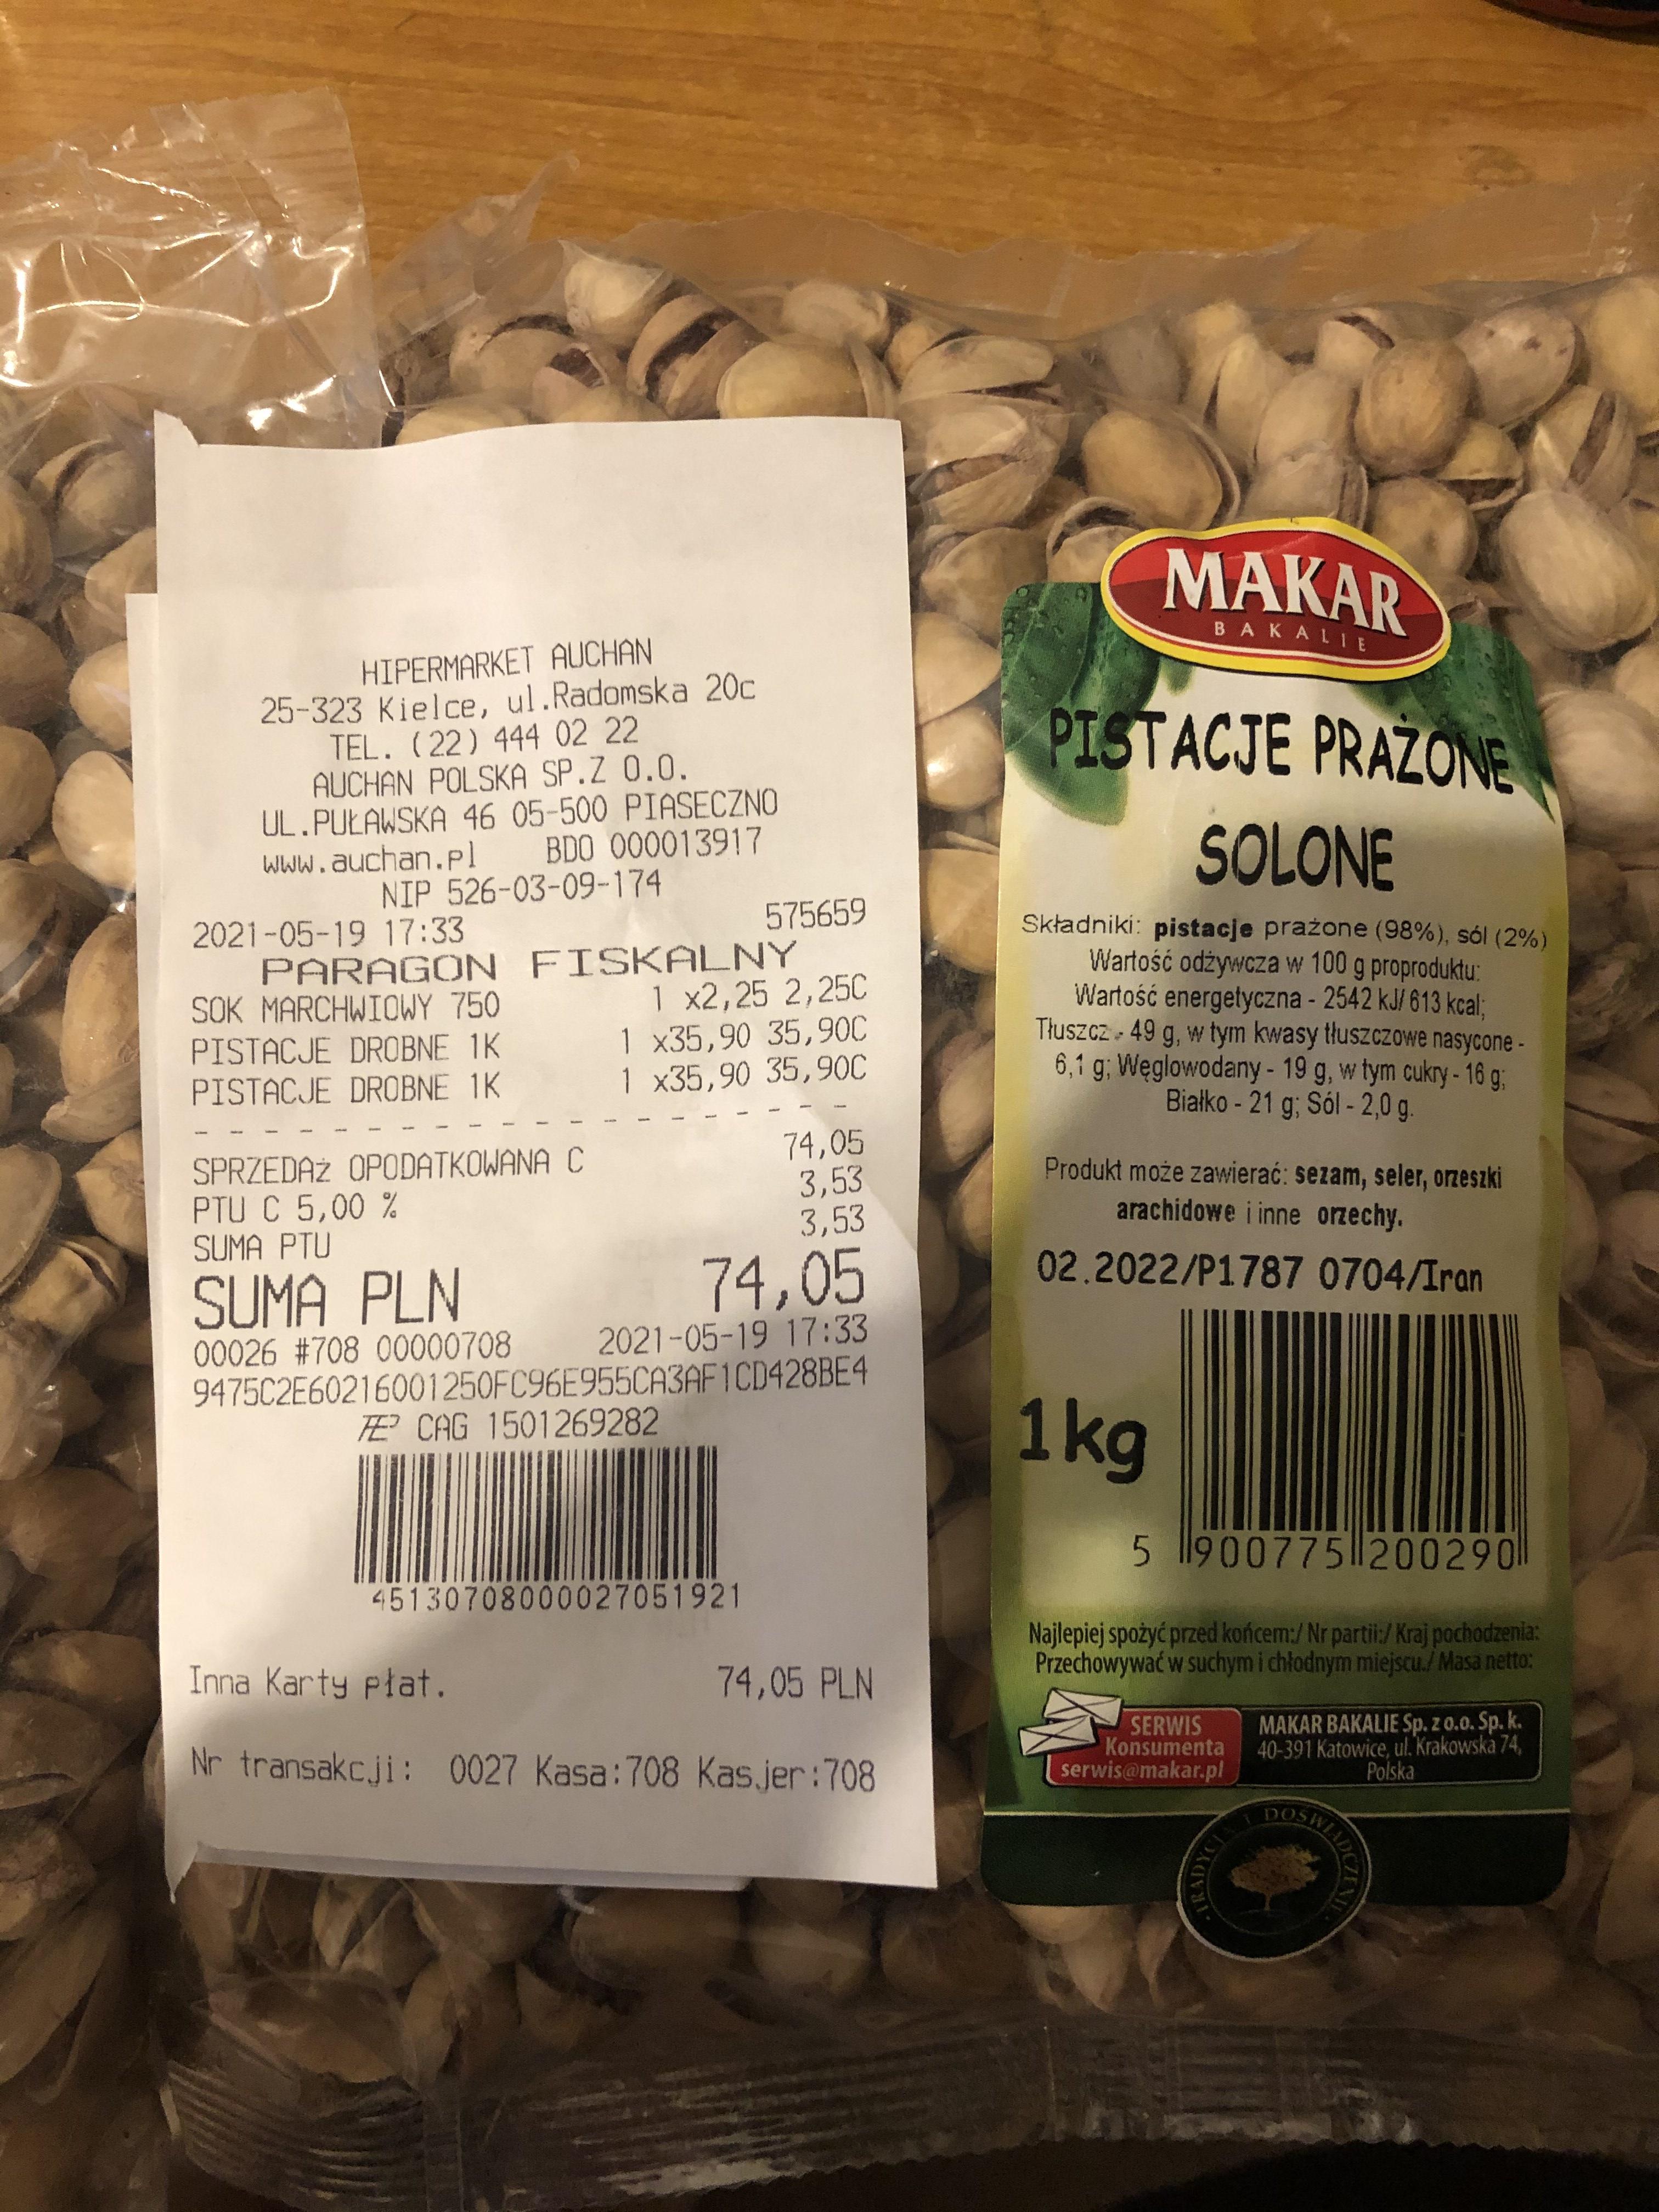 Pistacje 1 kg auchan